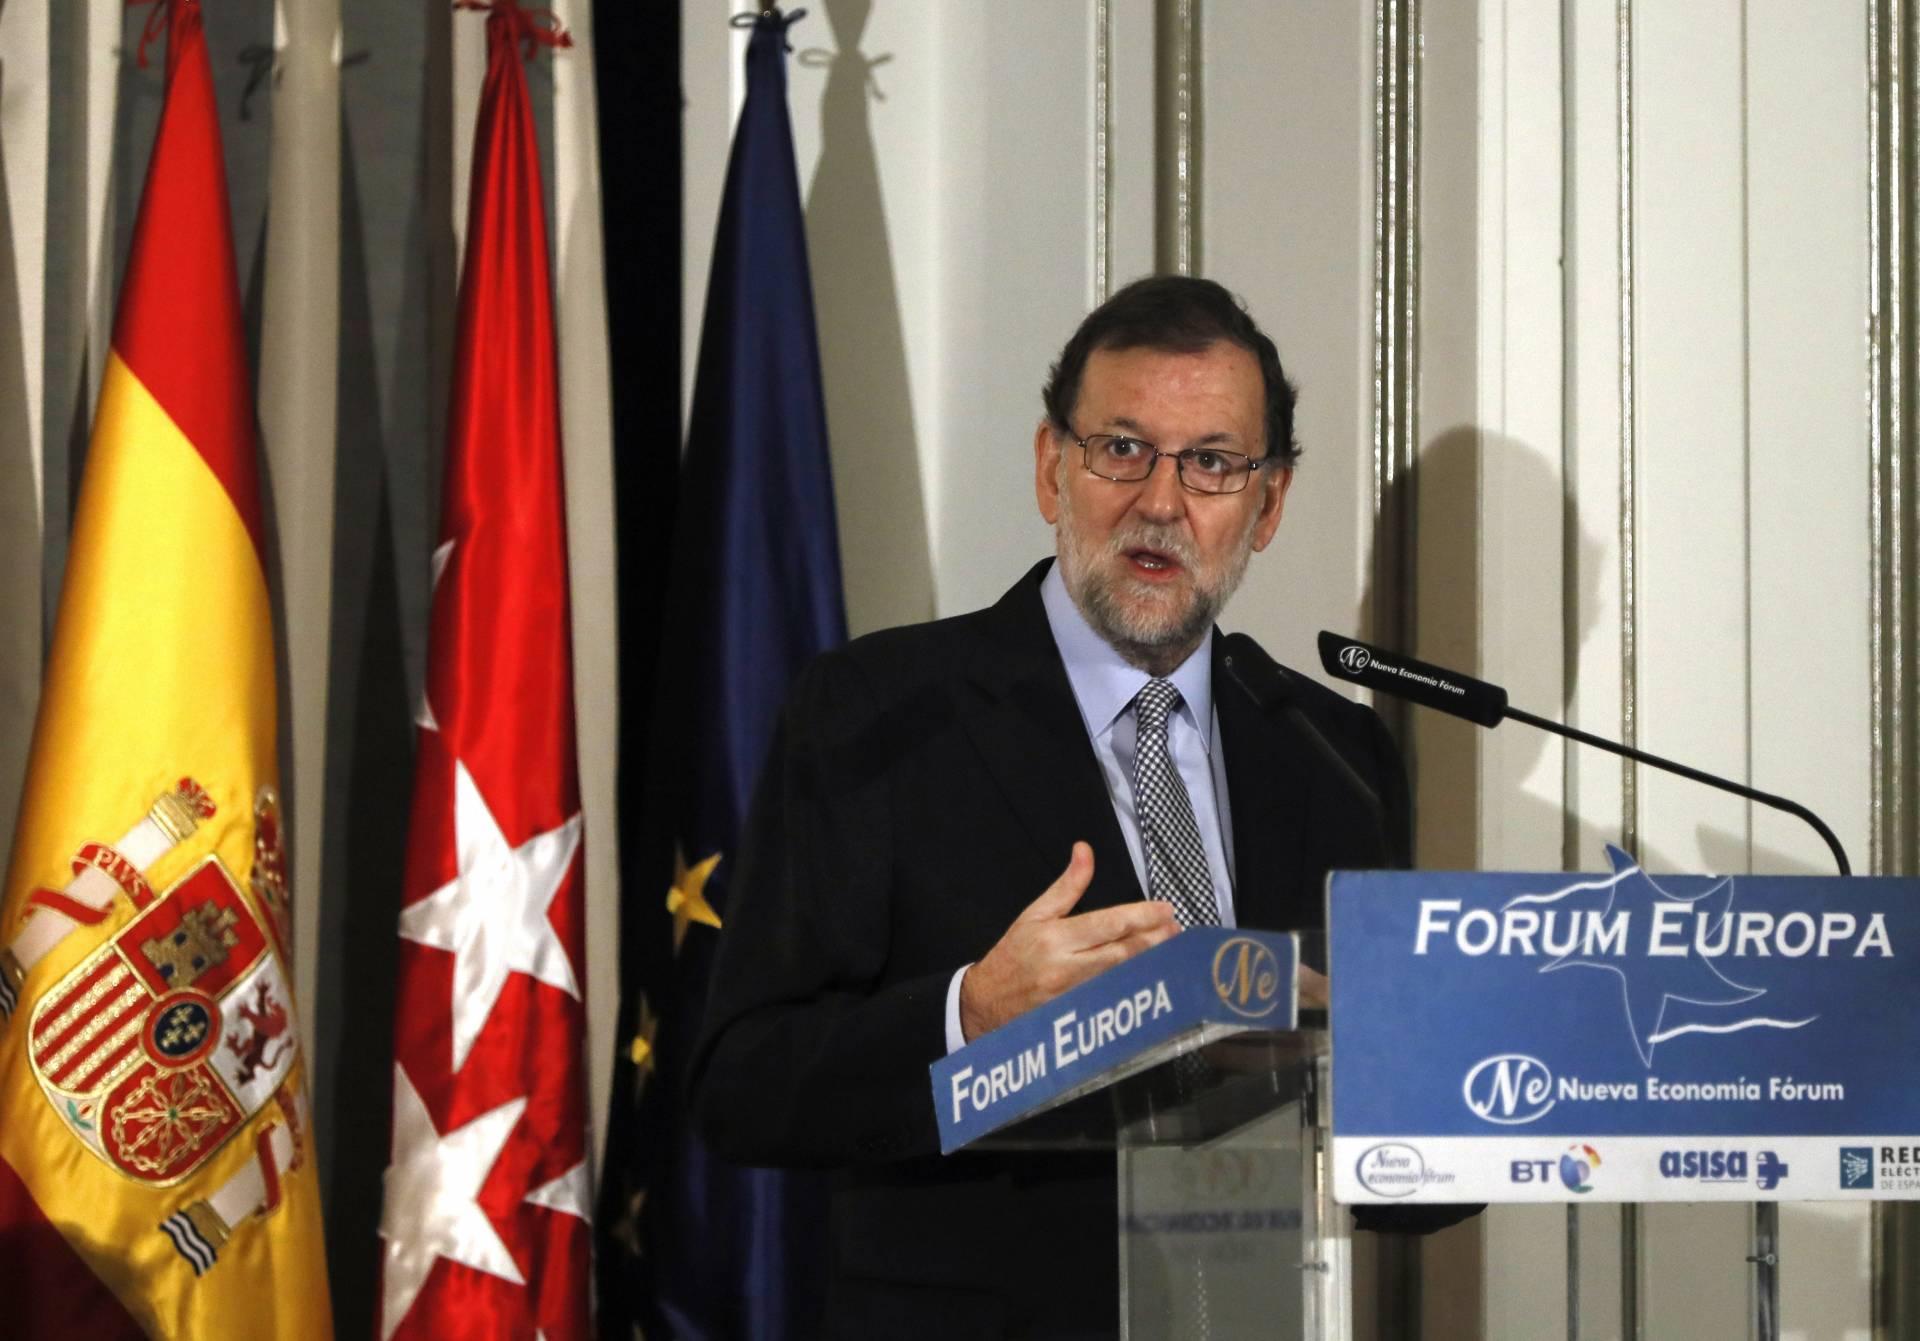 Rajoy, en el desayuno celebrado este lunes en el Fórum Europa.